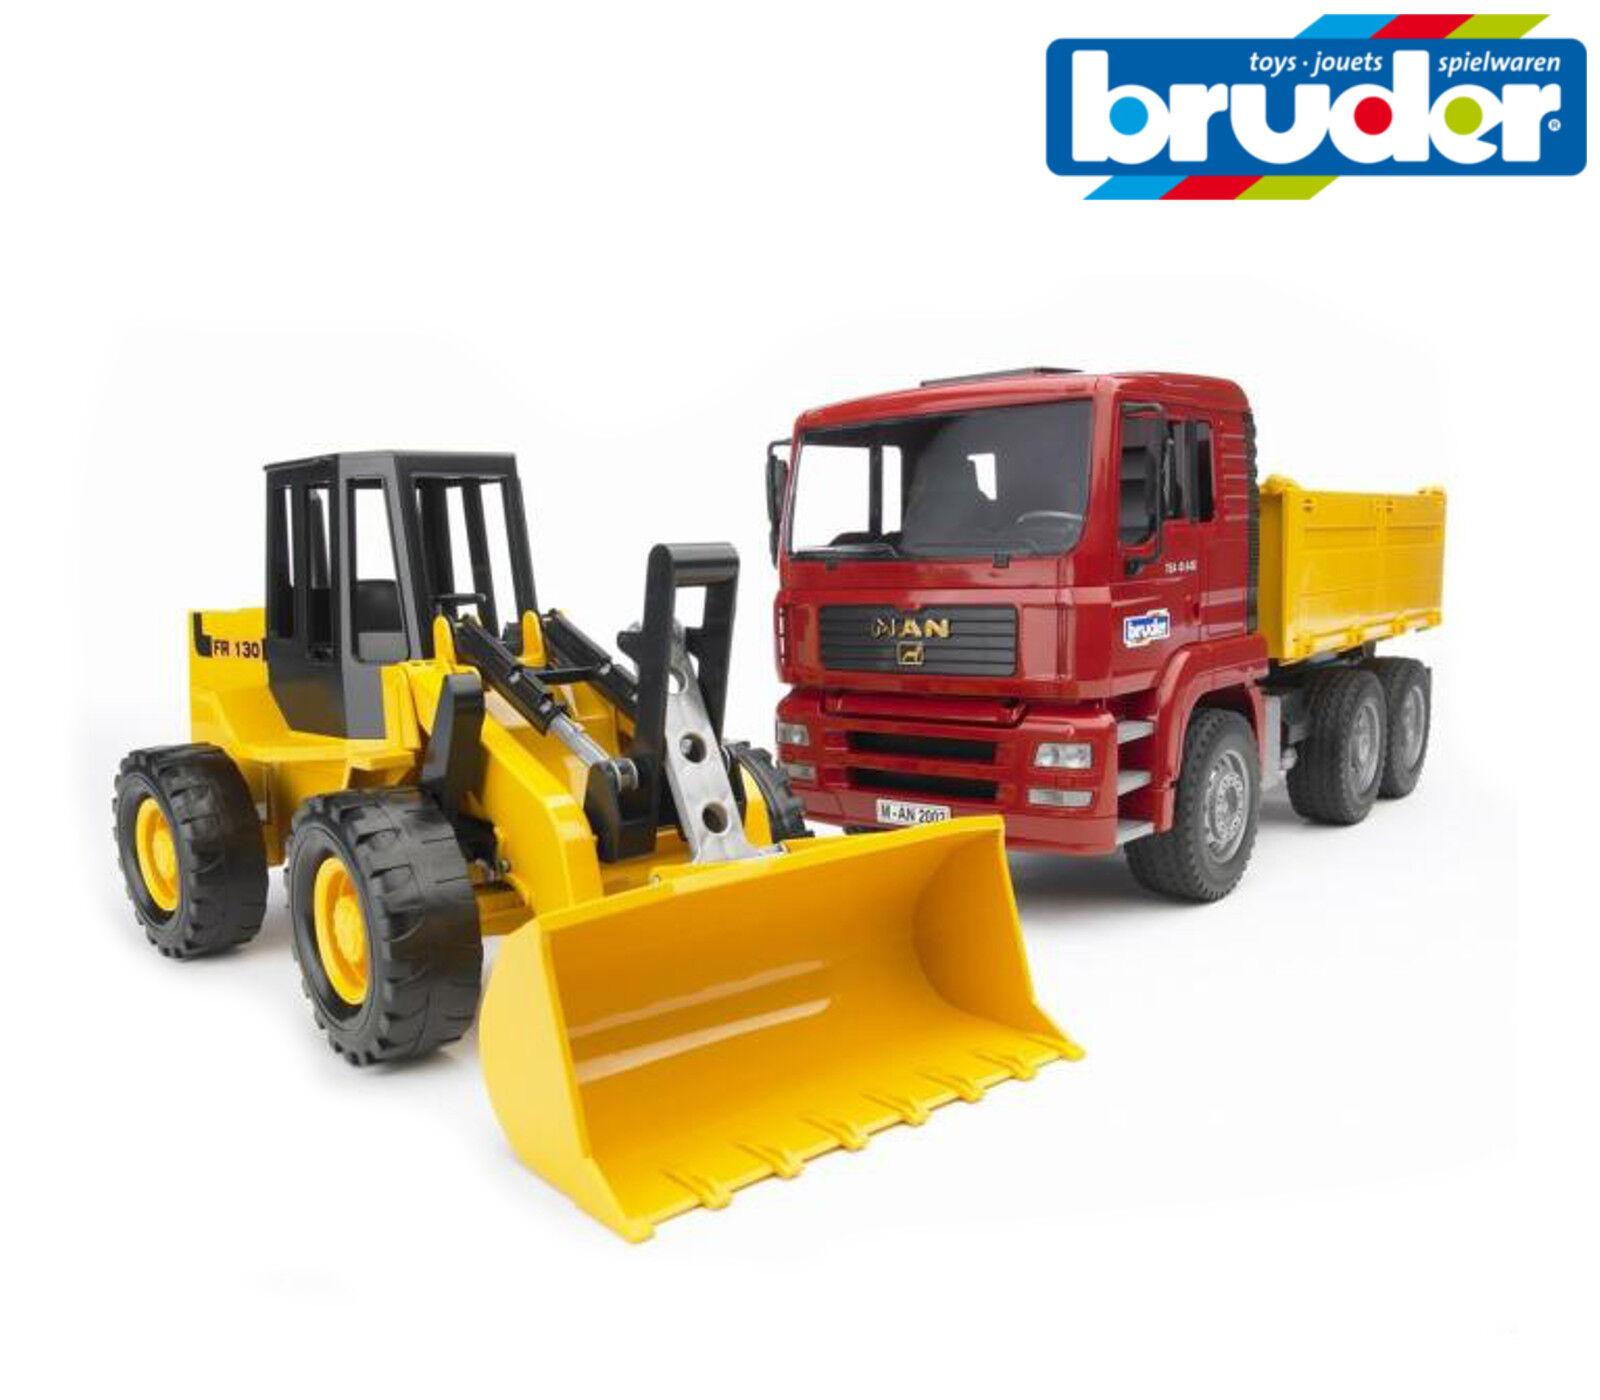 Bruder Toys 02752 MAN TGA construction benne de camion + Chargeuse échelle 1 16